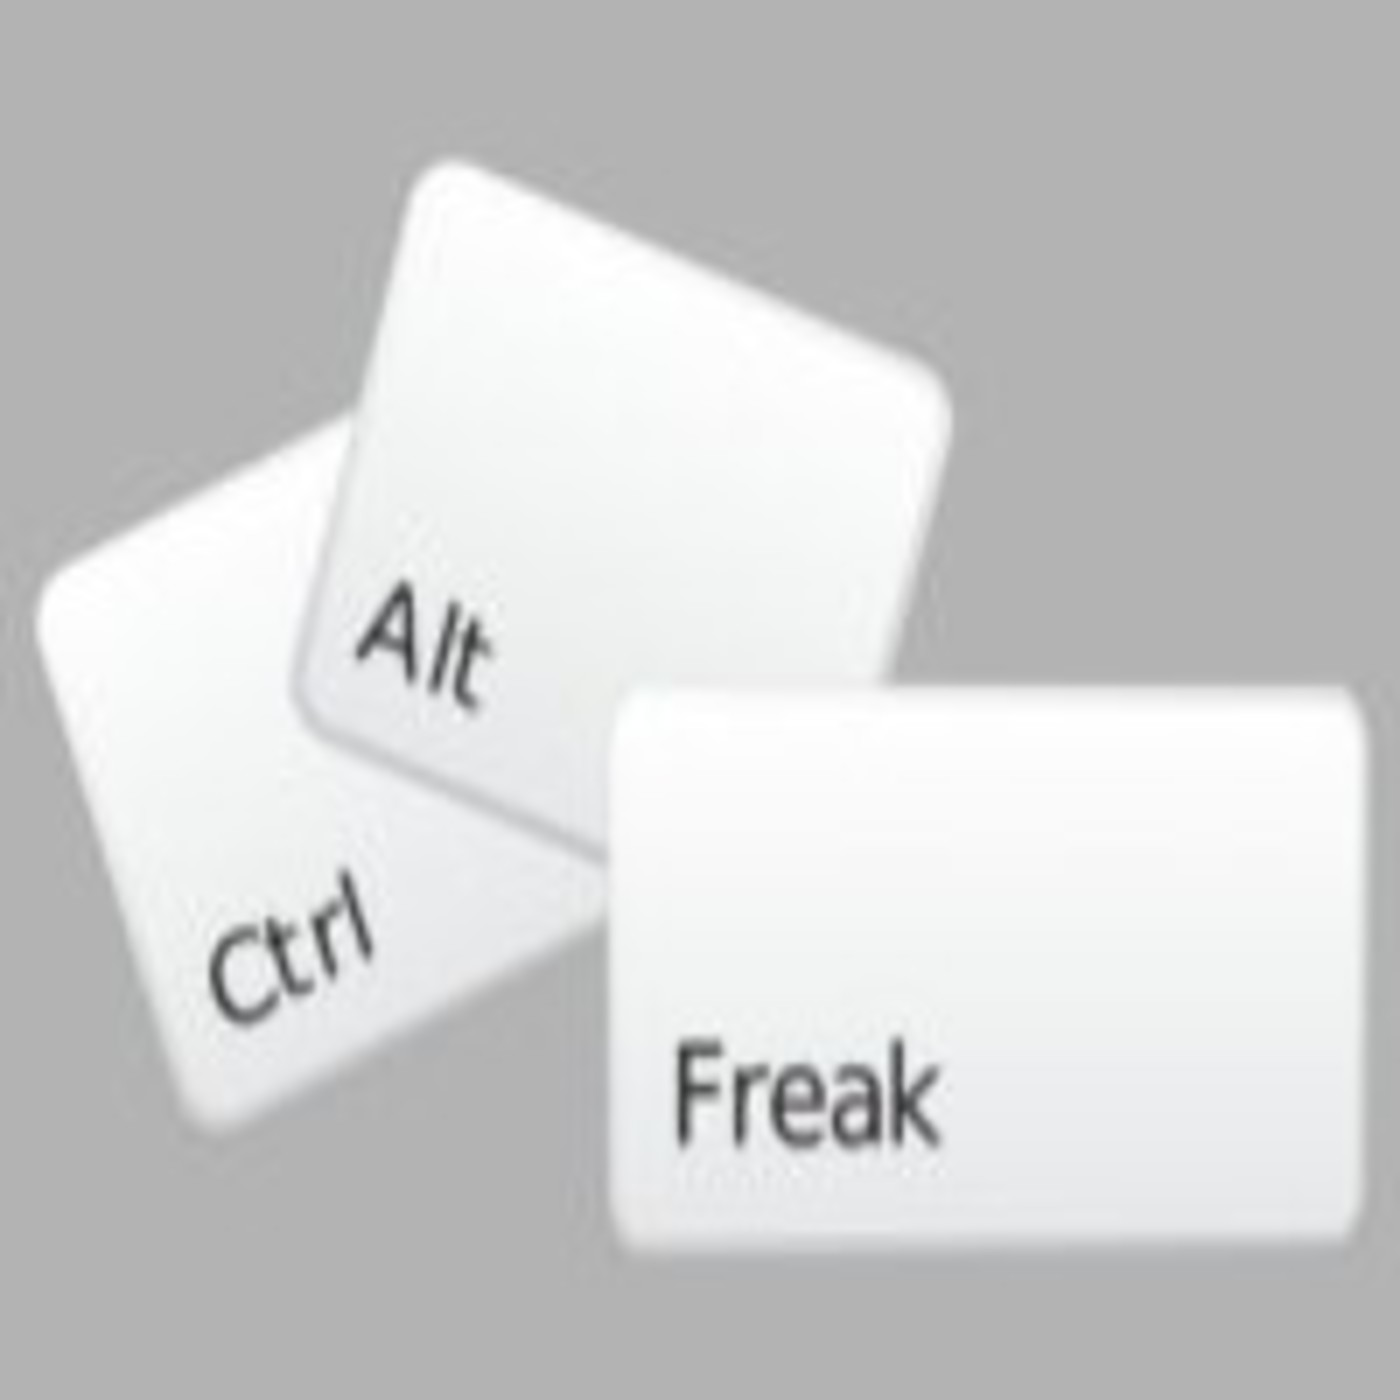 <![CDATA[Ctrl Alt Freak]]>